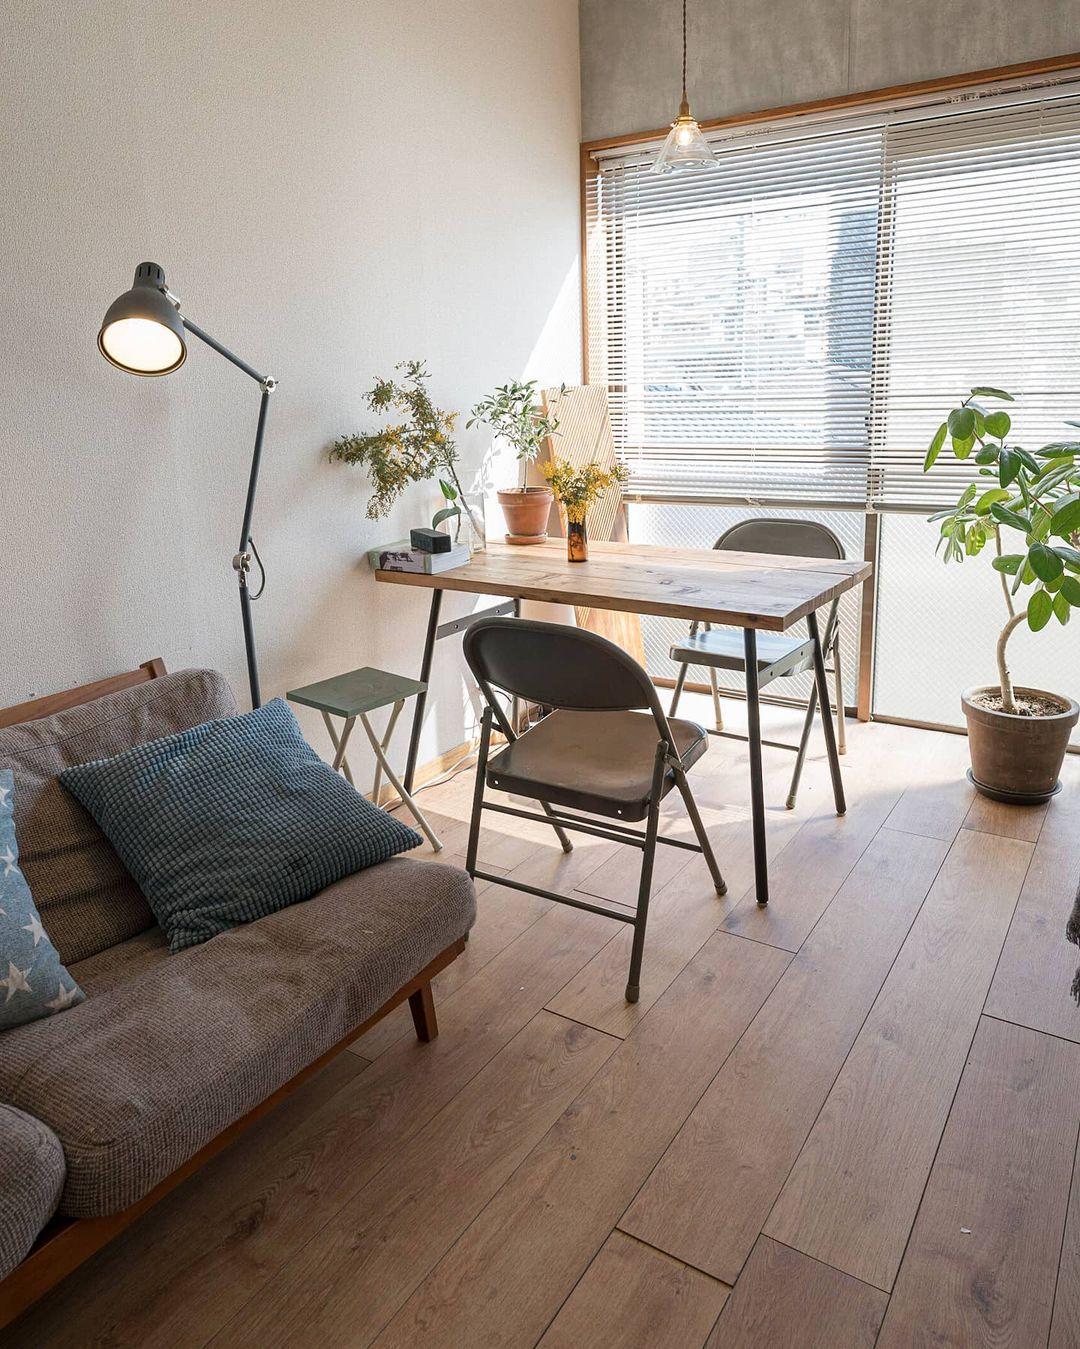 入居初日、家具を入れる前に、床にはフロアタイルを敷いてからお引越し。敷いてあるだけですが、サイズがぴったりに合わせてあるためズレることもありません。